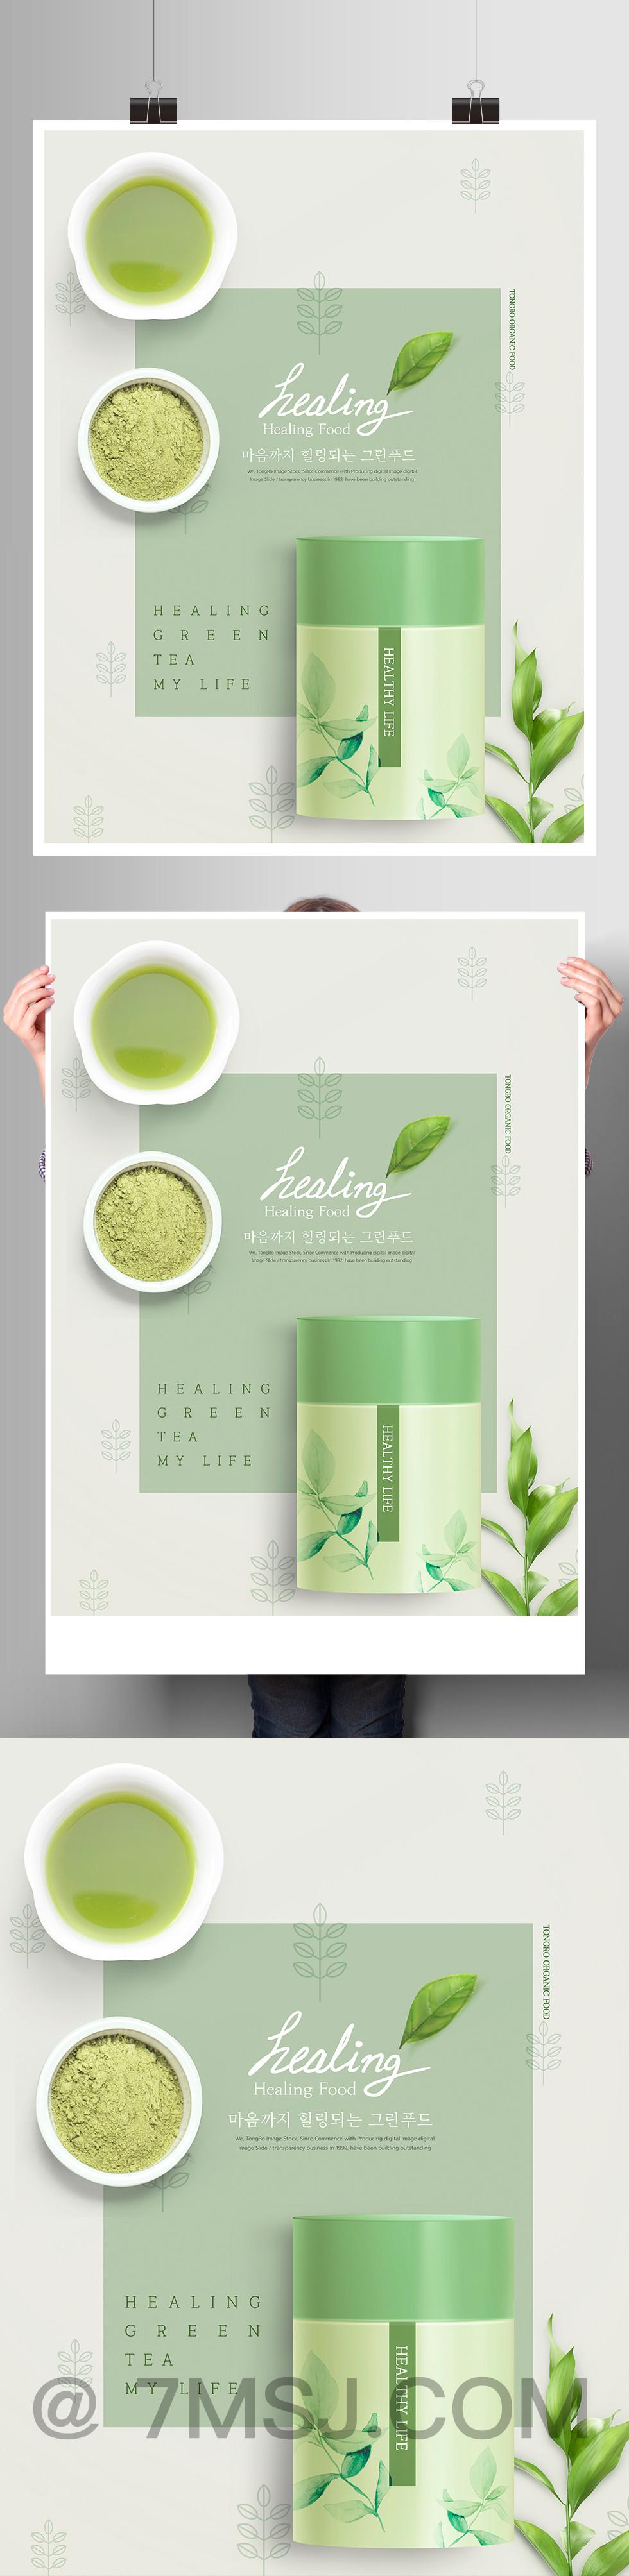 绿色小清新饮品健康饮食海报素材